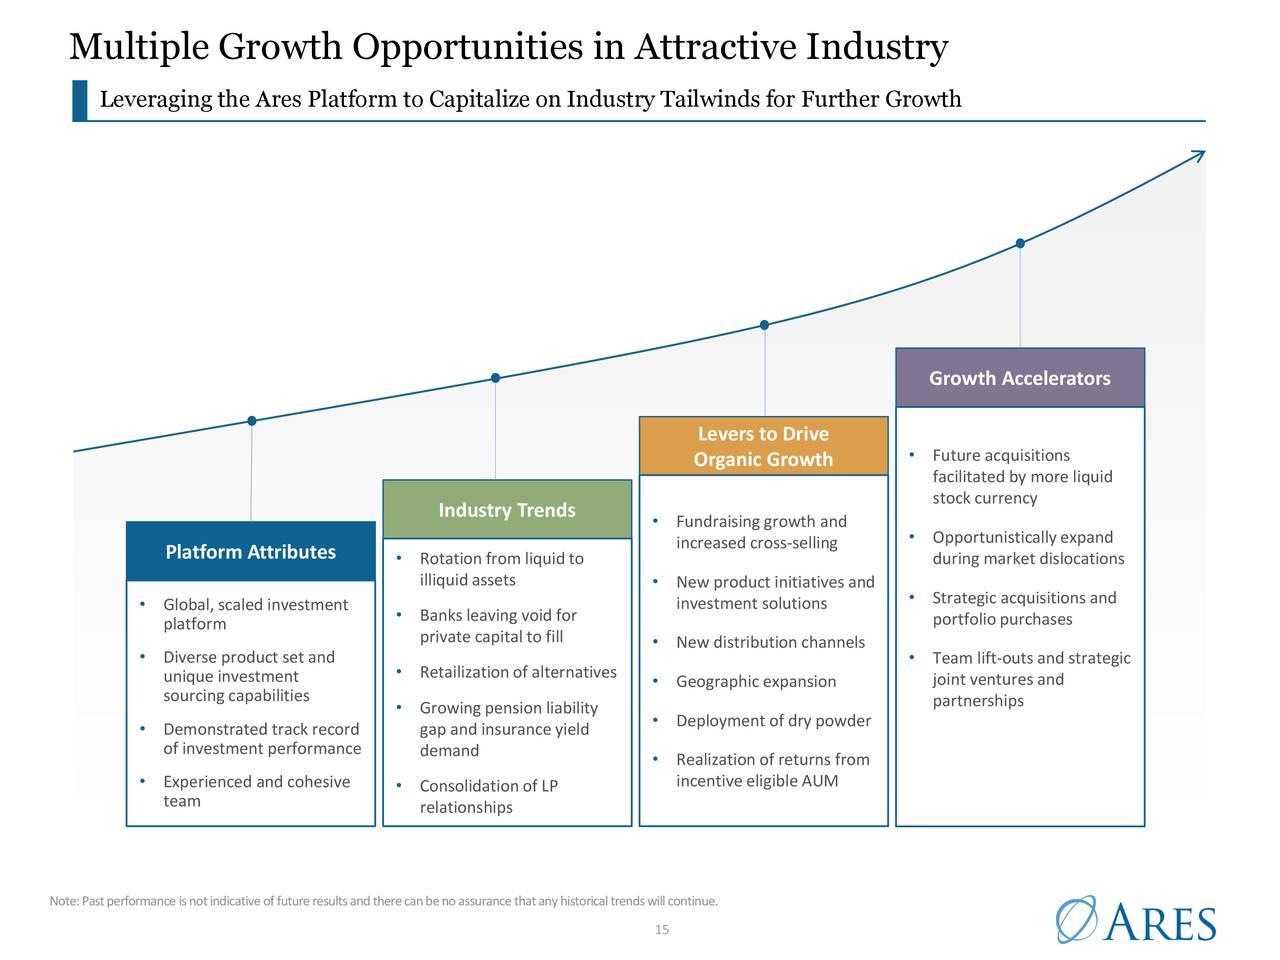 Múltiples oportunidades de crecimiento en una industria atractiva